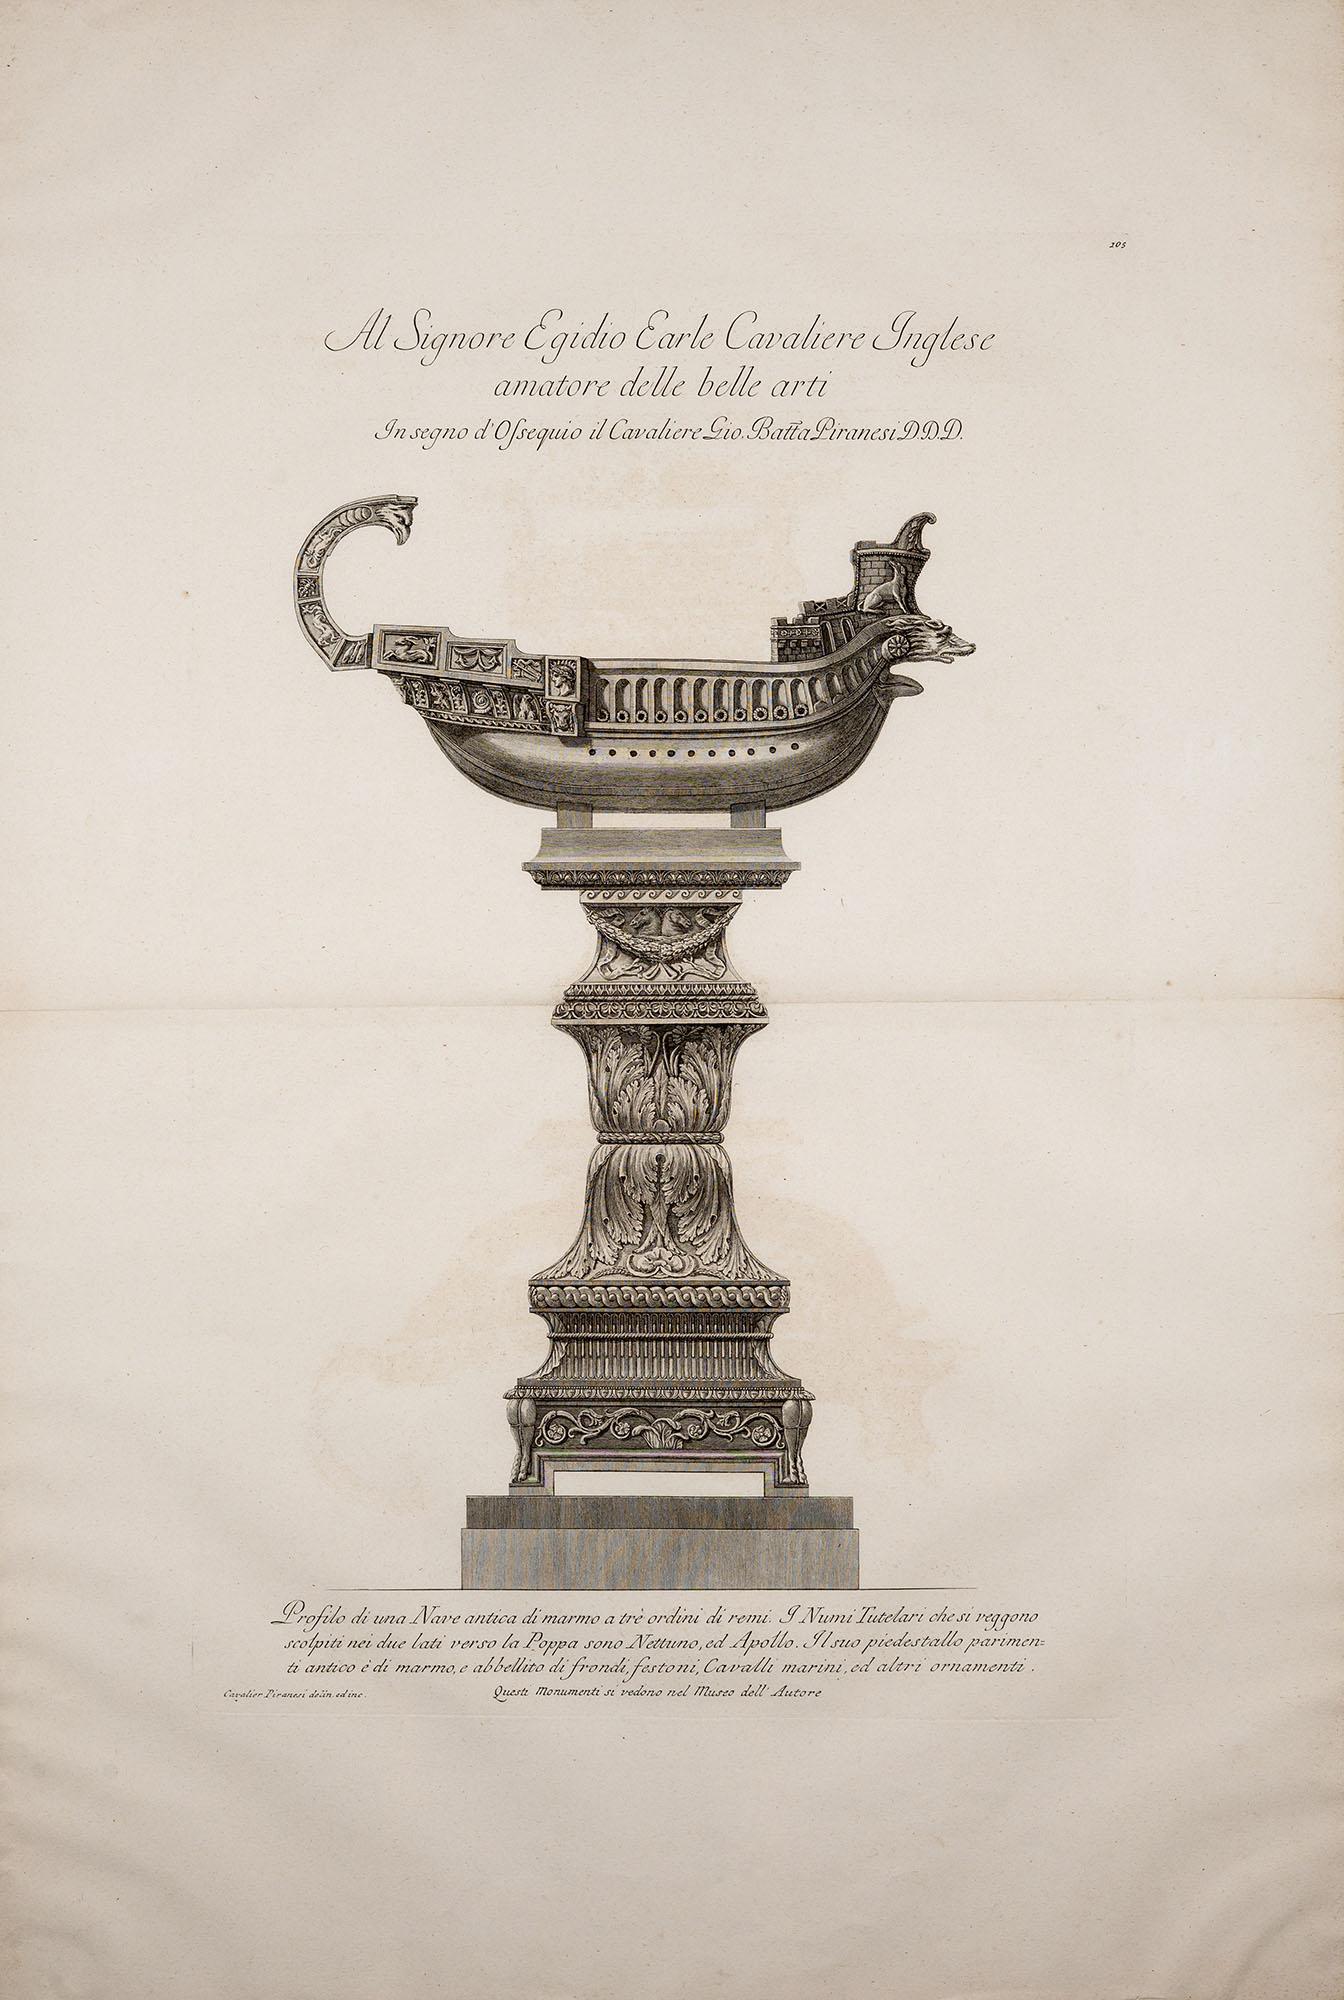 23. Profilo di una Nave antica di marmo